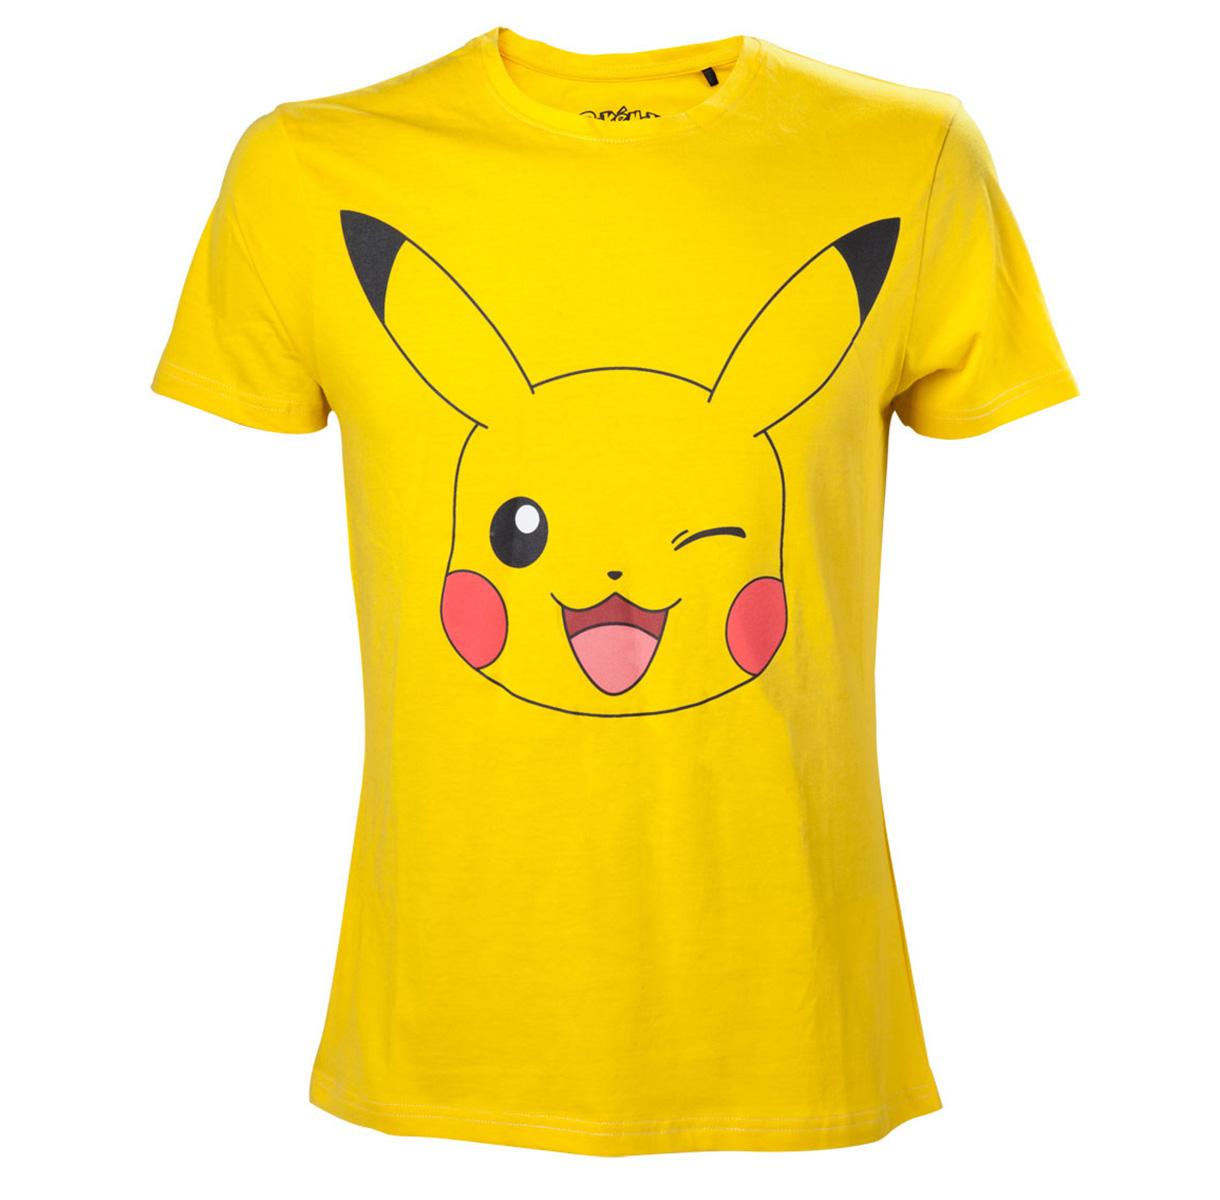 Pichachu T-shirt